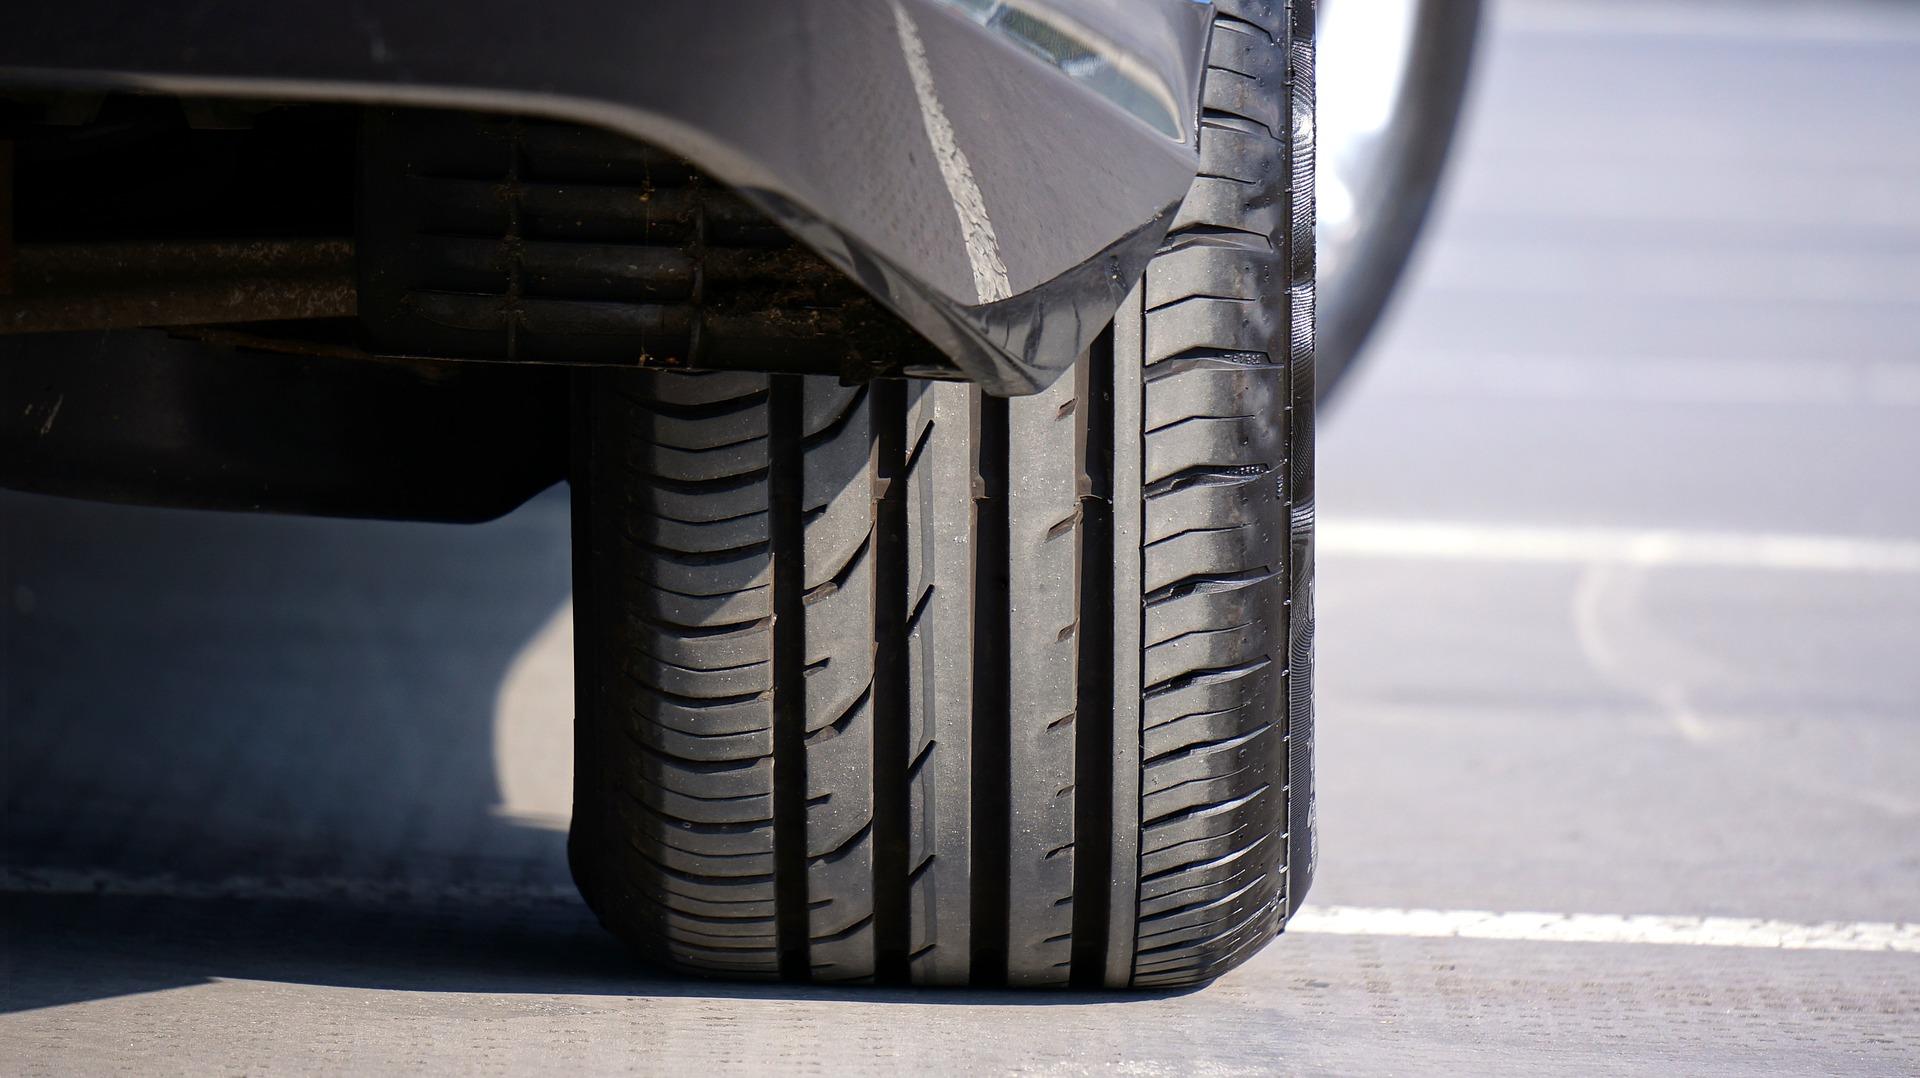 Affinez vos connaissances sur le parallélisme de votre voiture 2